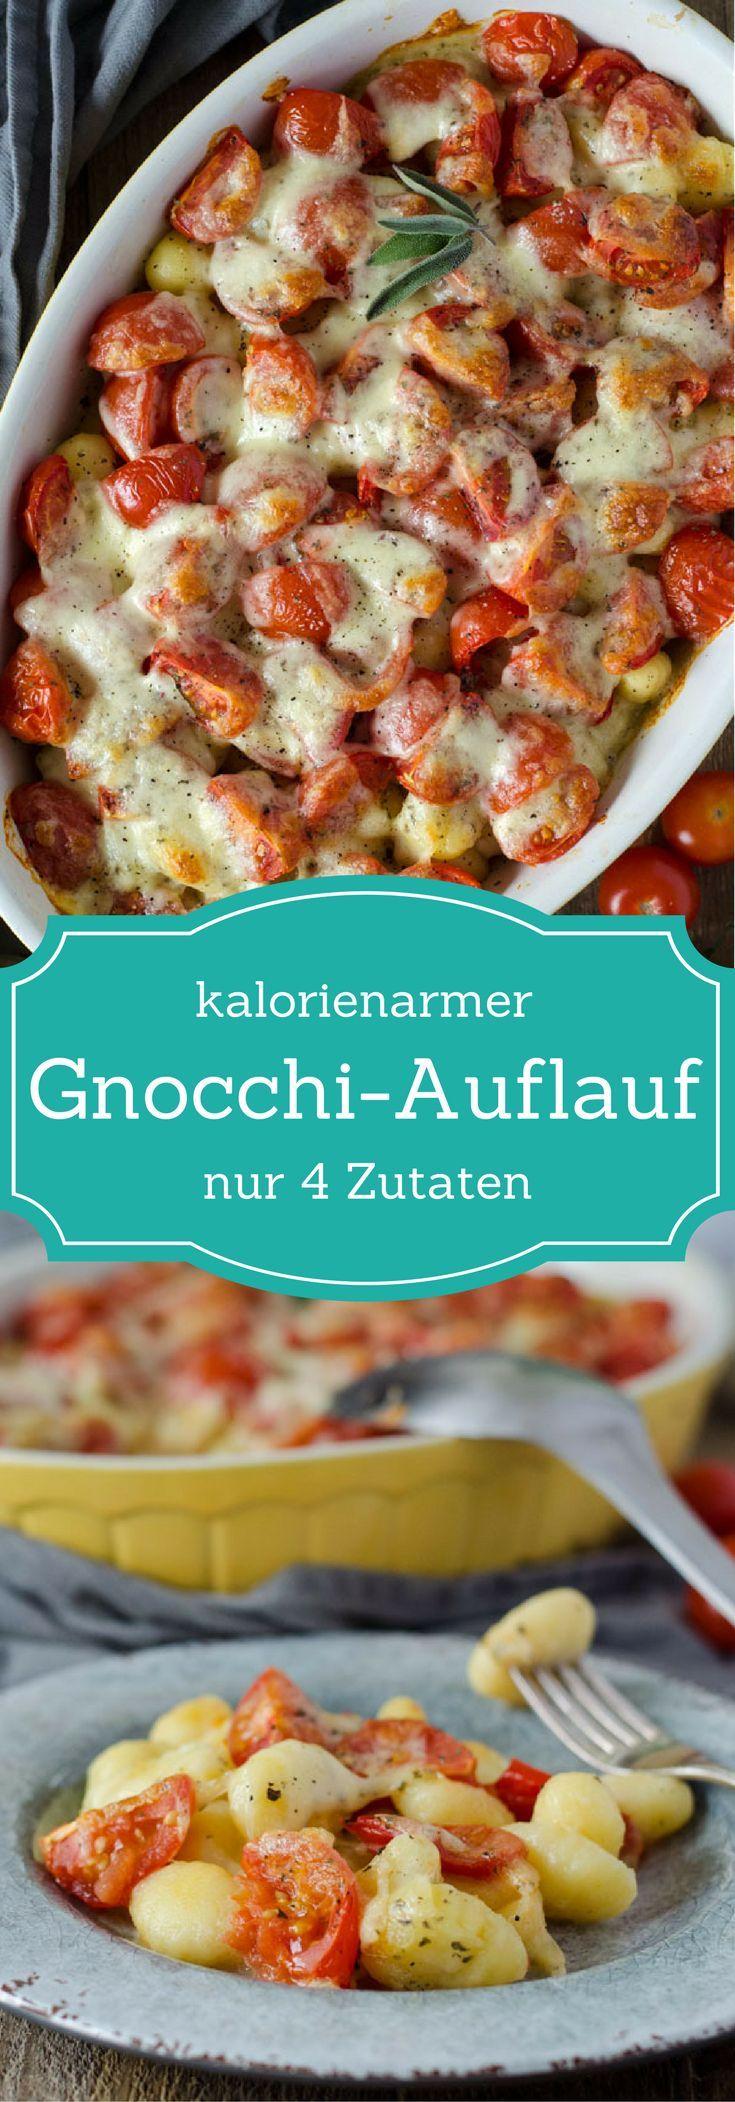 Vier Zutaten Gnocchi-Auflauf mit Tomate und Mozzarella. Vegetarisch, kalorienarm ...   - ***Ich*Liebe*Foodblogs*** -